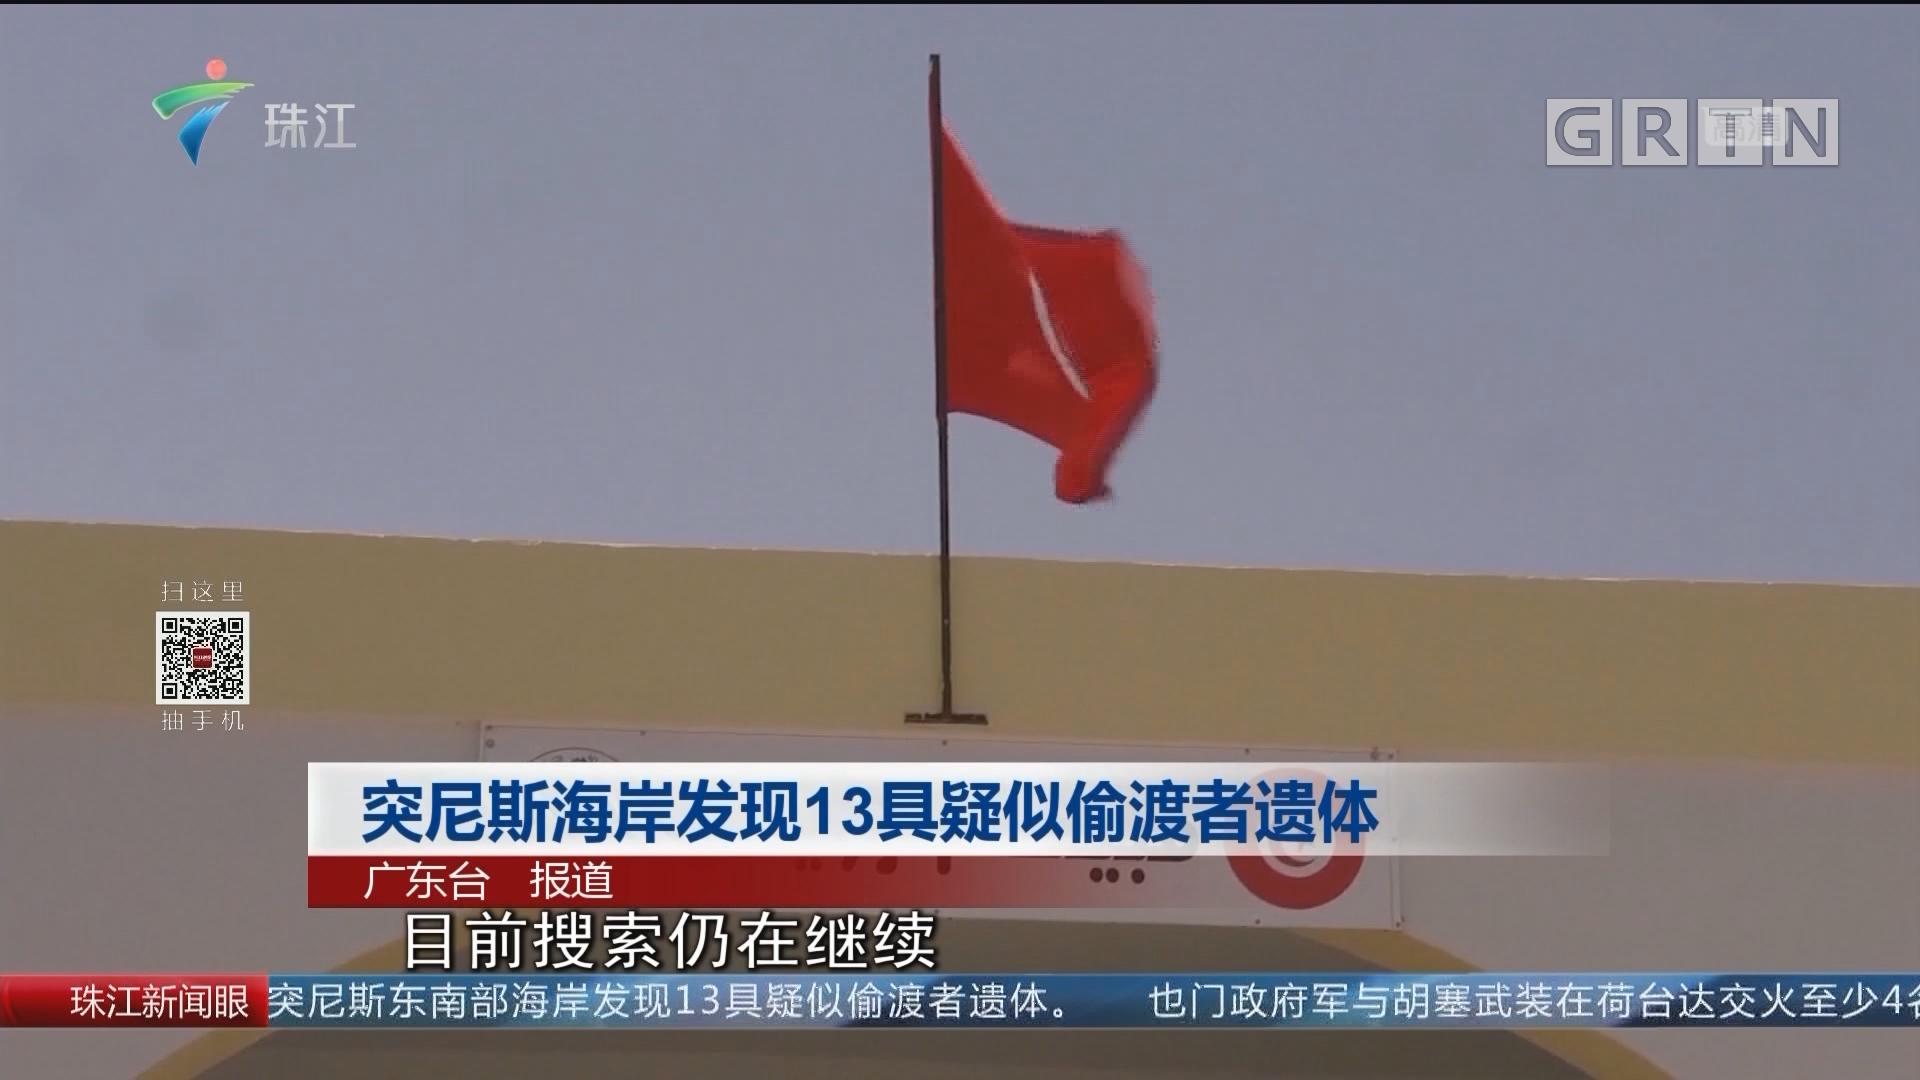 突尼斯海岸发现13具疑似偷渡者遗体